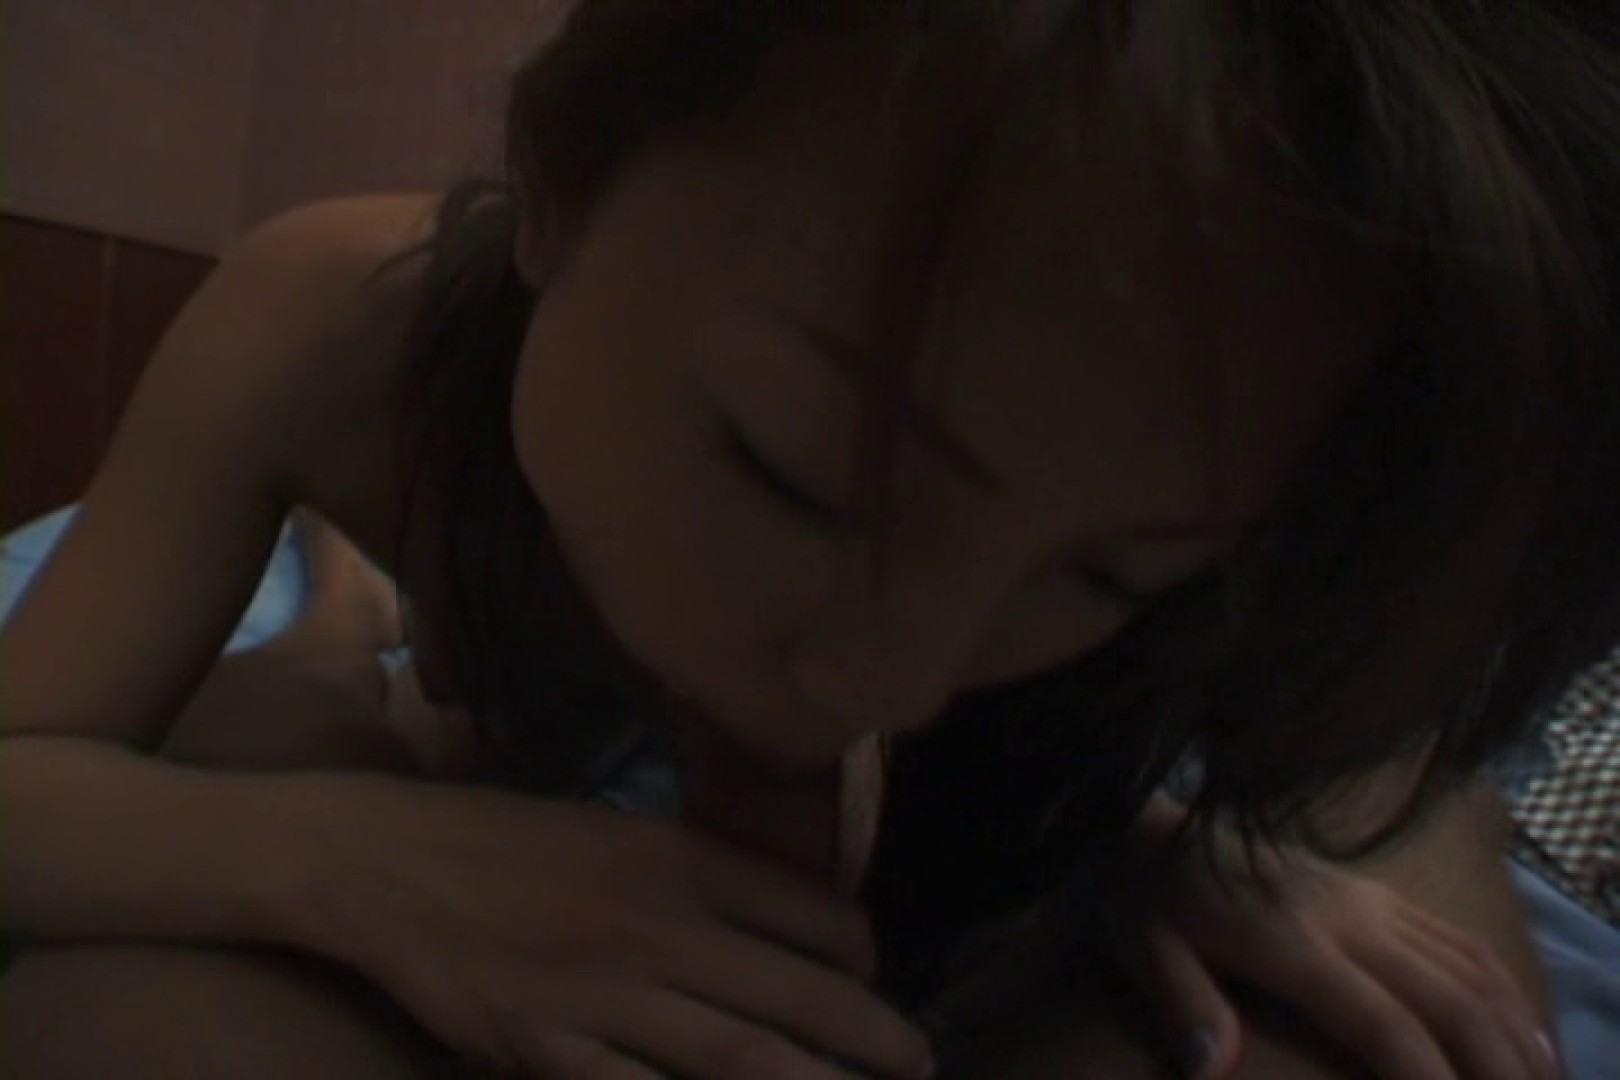 旦那との愛よりも、愛人とのSEX~片瀬梨子~vol,1 バイブ | OLのエロ生活  58連発 1